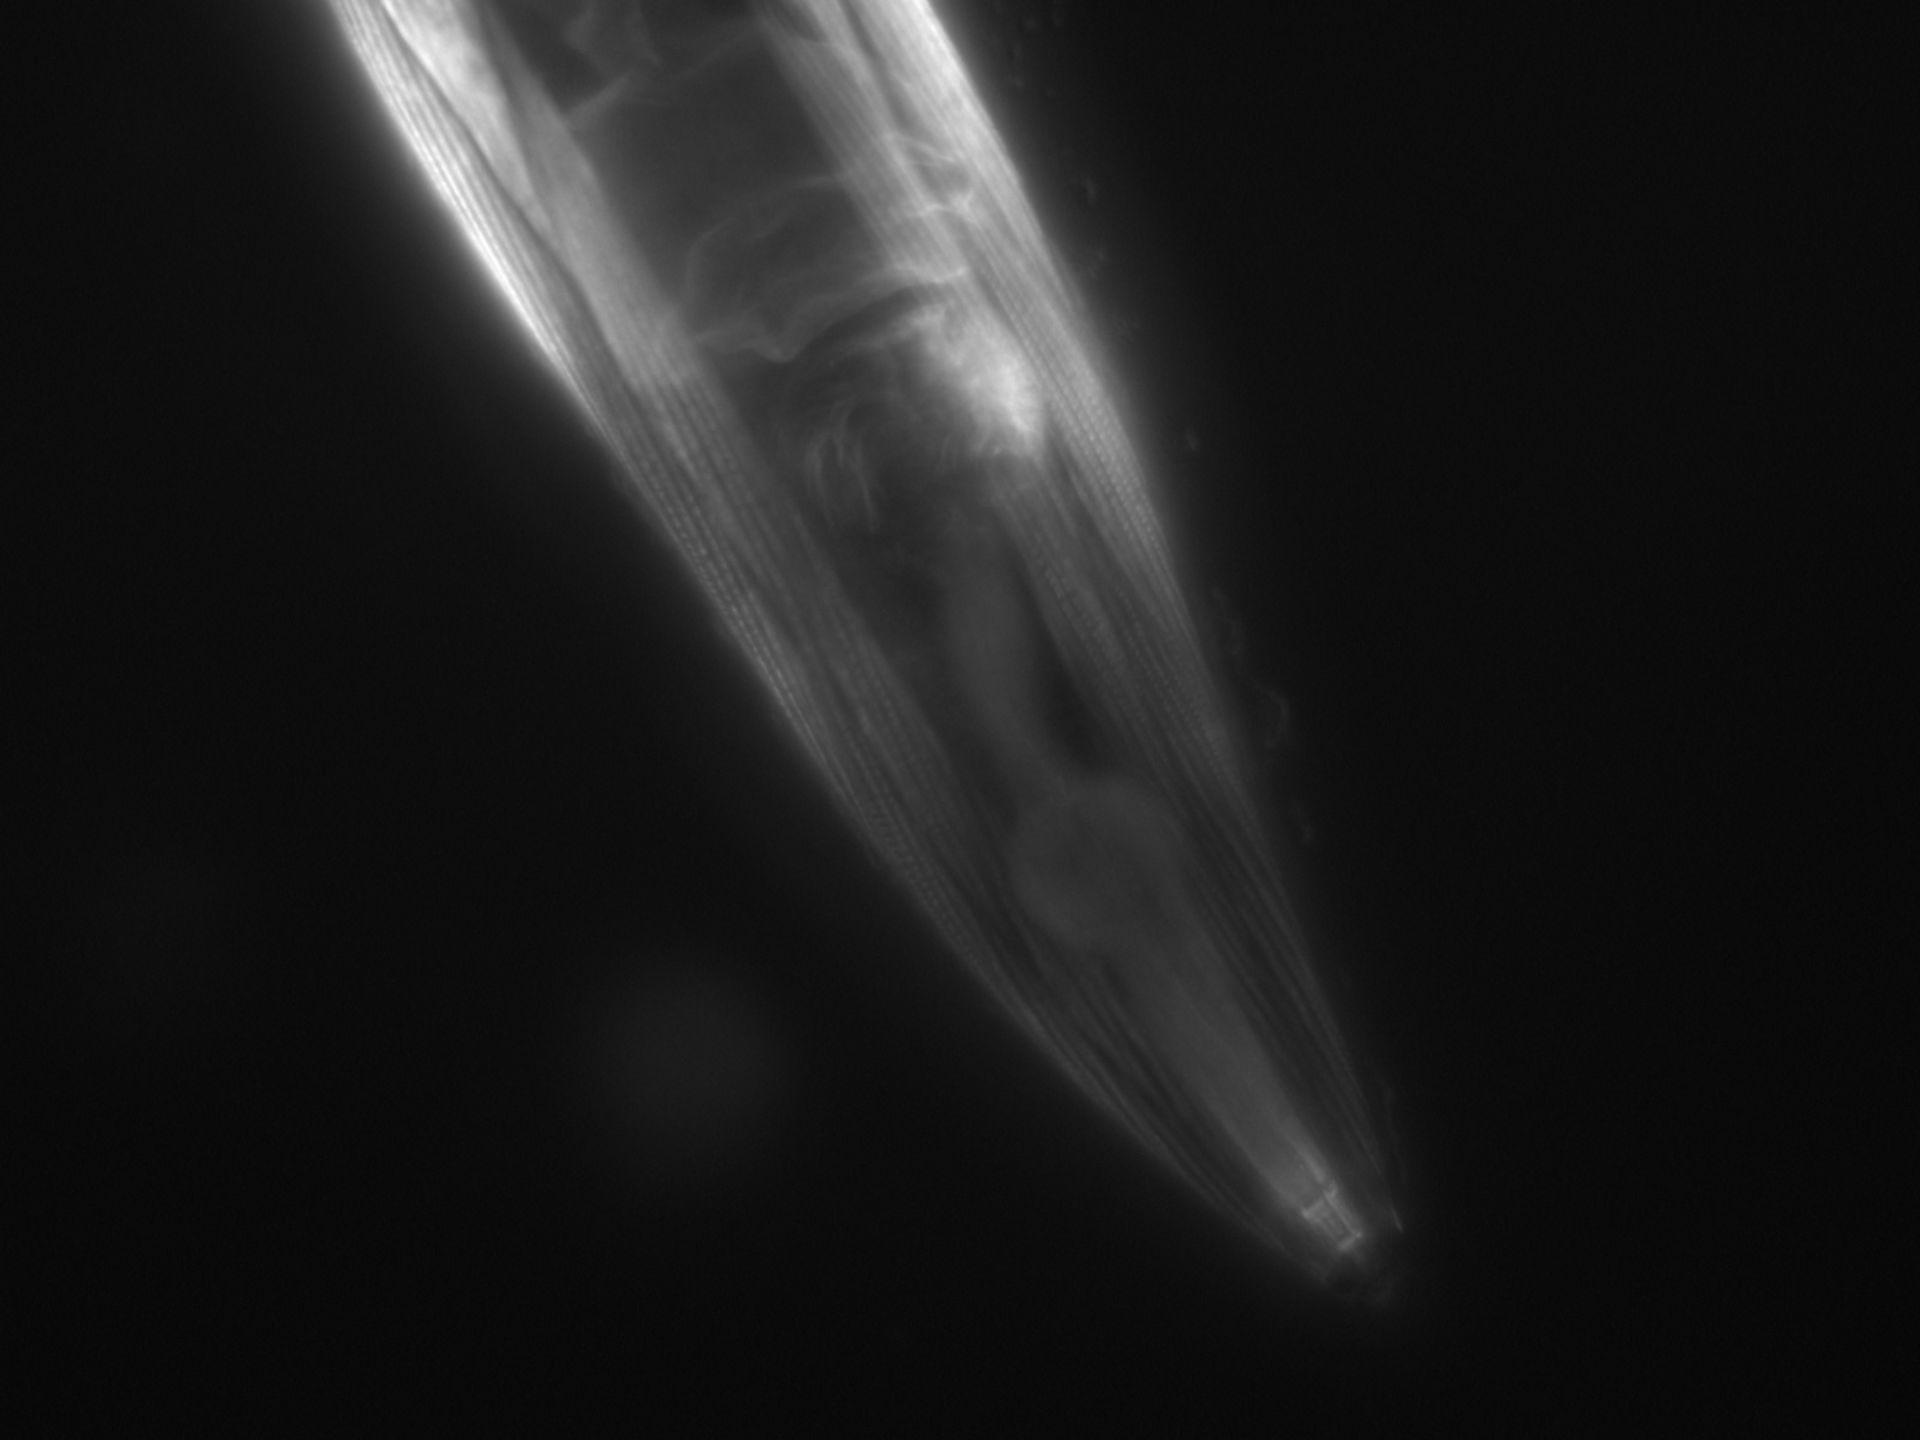 Caenorhabditis elegans (filamento di actina) - CIL:1068